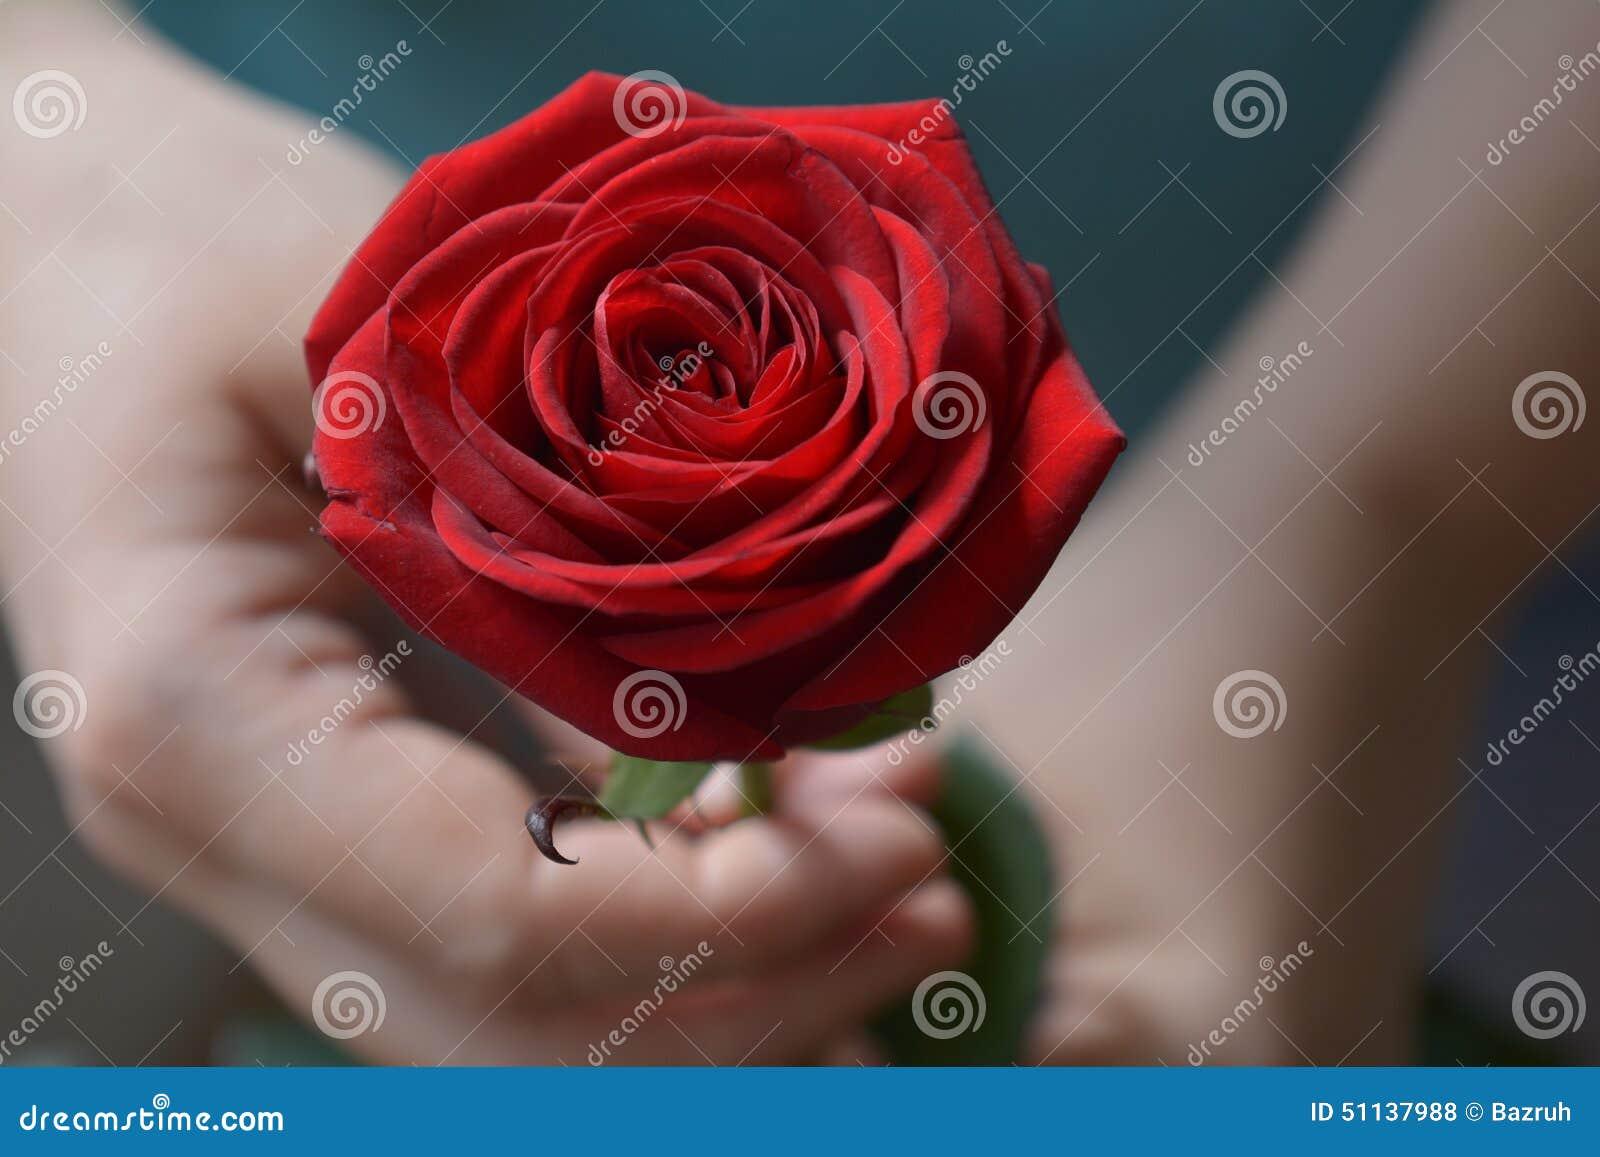 также станет редактор фото розы в руке подать заявку участие